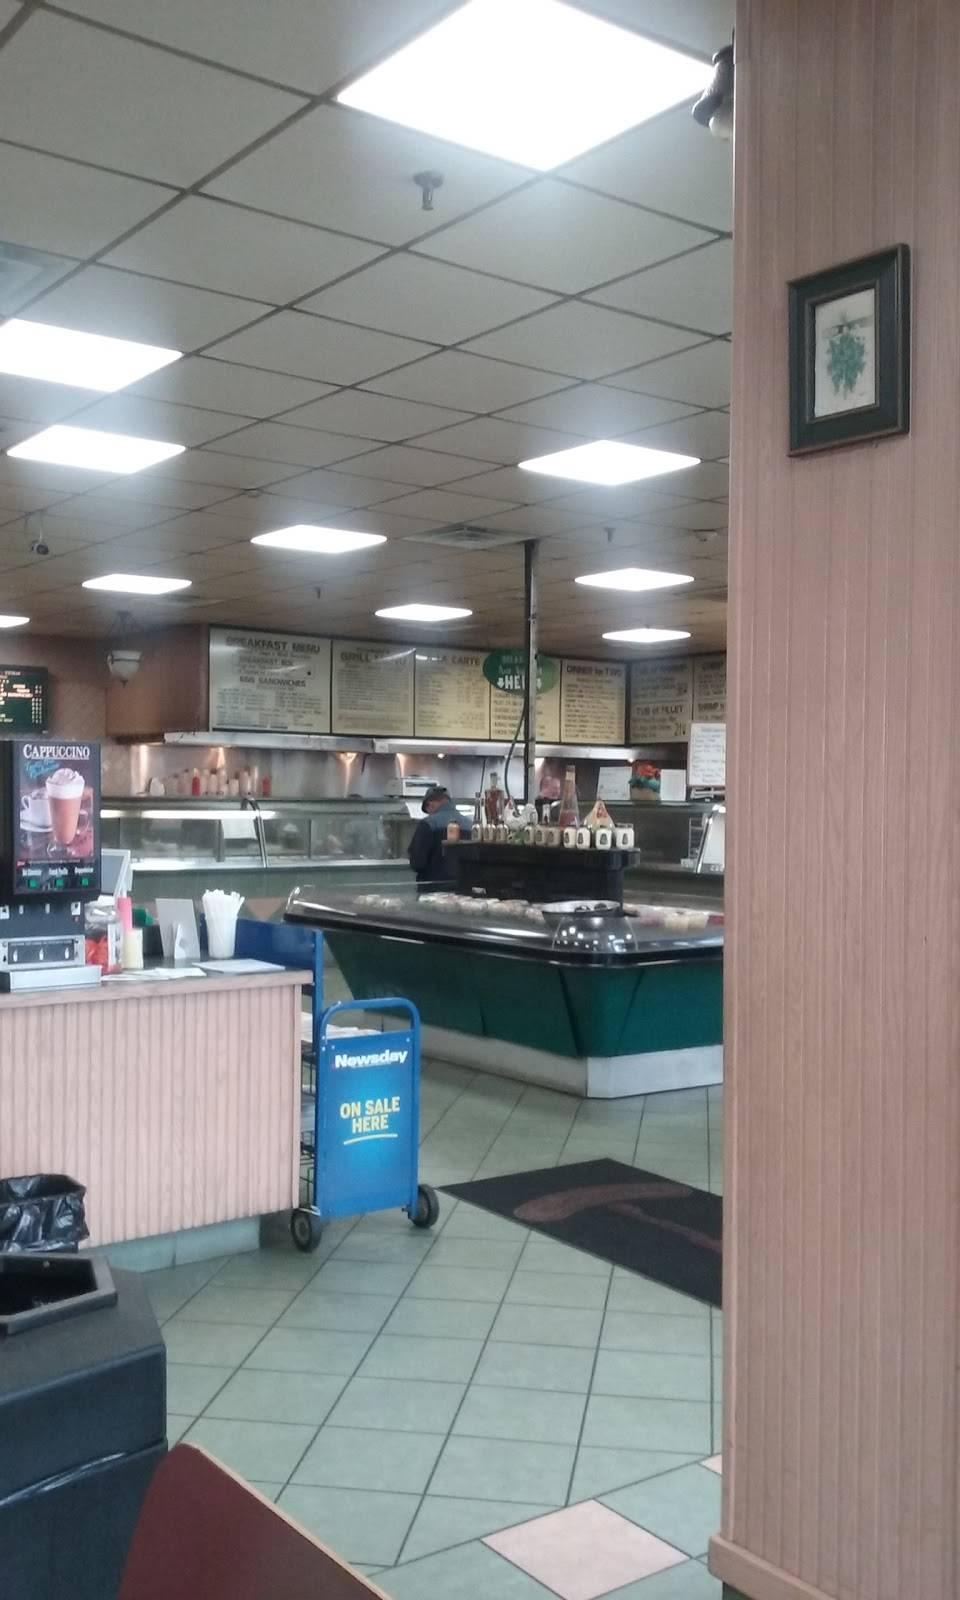 Fireside Caterers of Huntington | restaurant | 120 W Jericho Turnpike, Huntington Station, NY 11746, USA | 6313511400 OR +1 631-351-1400